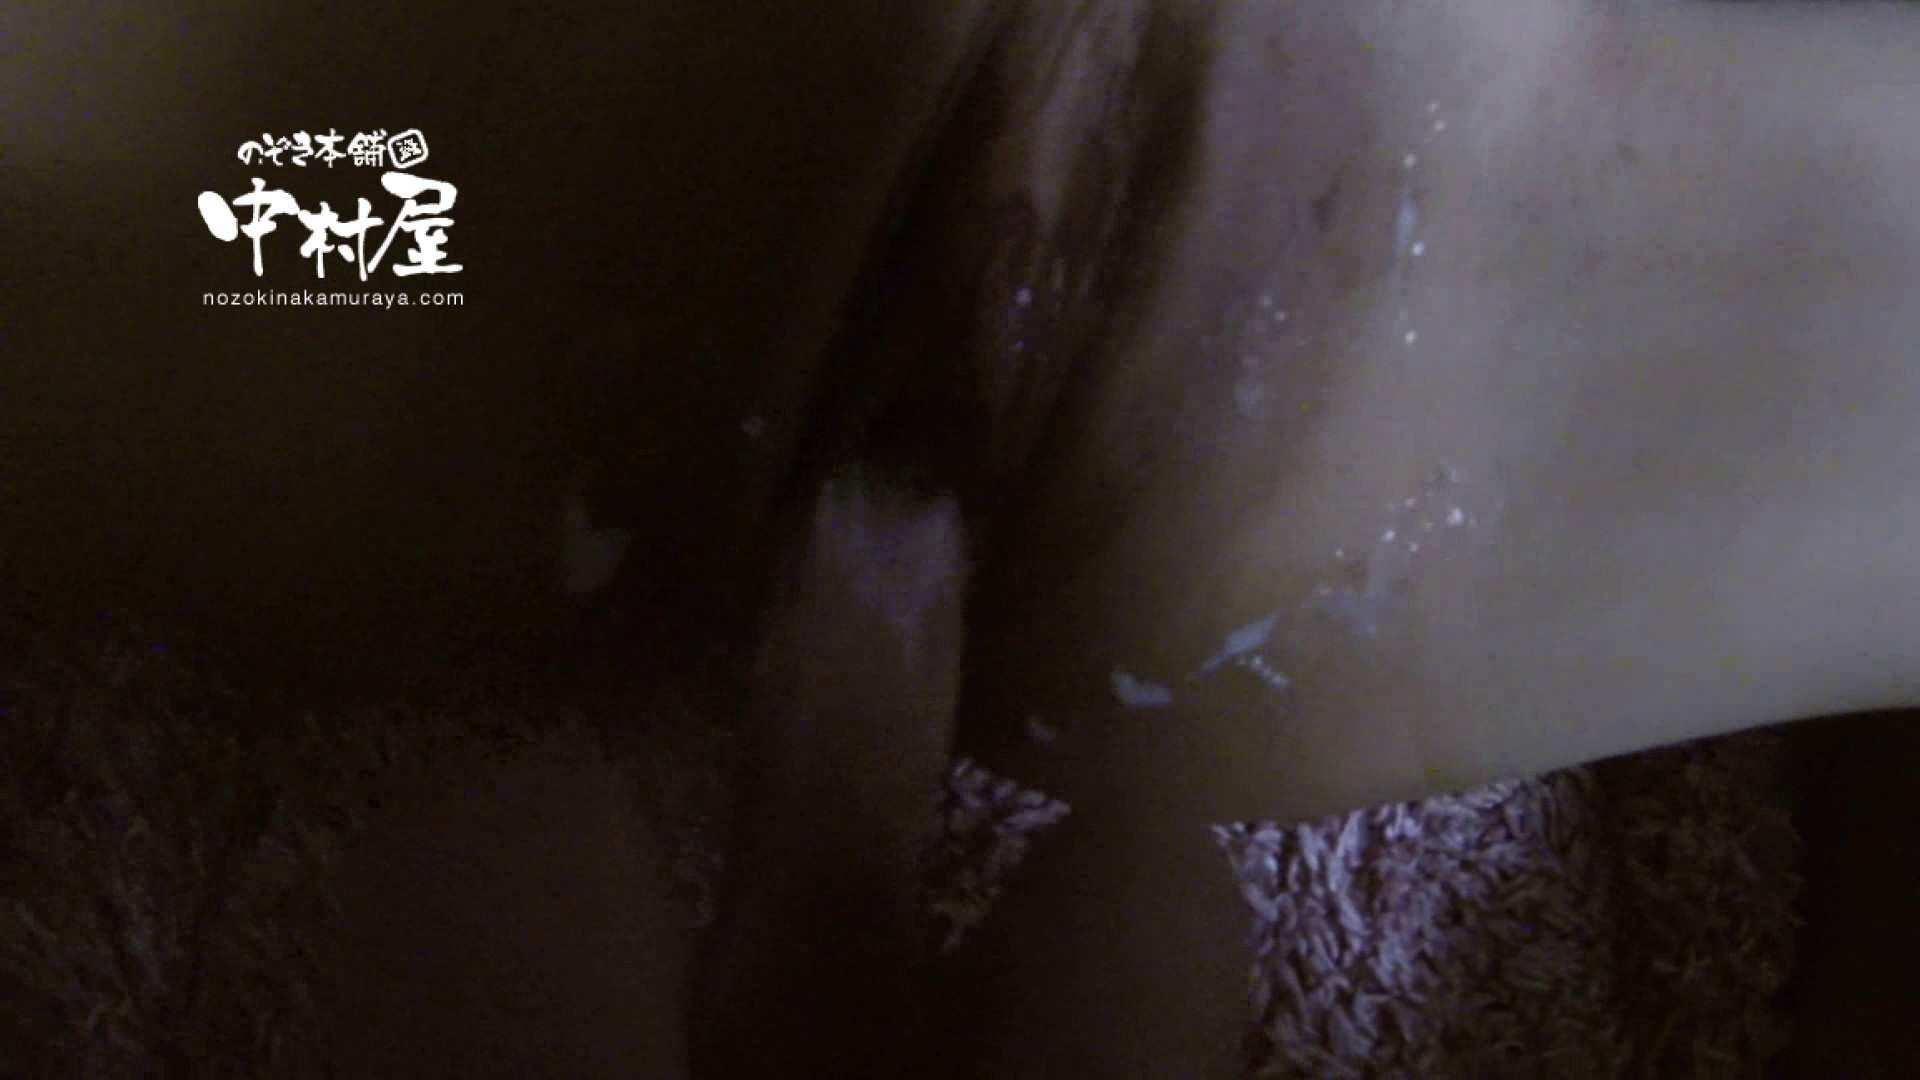 鬼畜 vol.10 あぁ無情…中出しパイパン! 後編 中出し ワレメ無修正動画無料 41pic 10